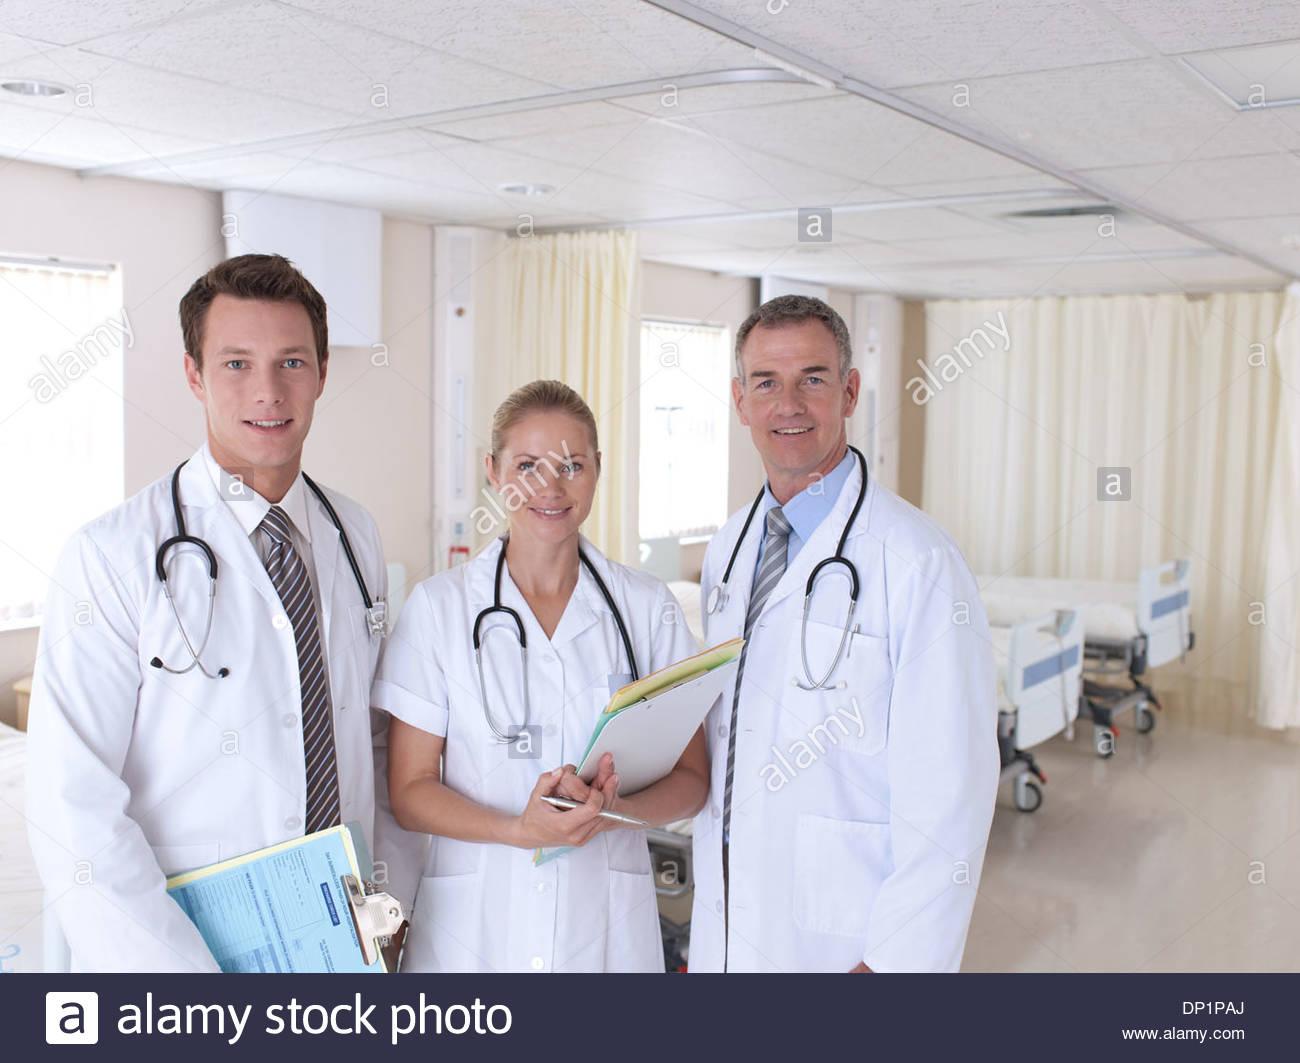 Porträt von Ärzten im Krankenhaus Stockbild